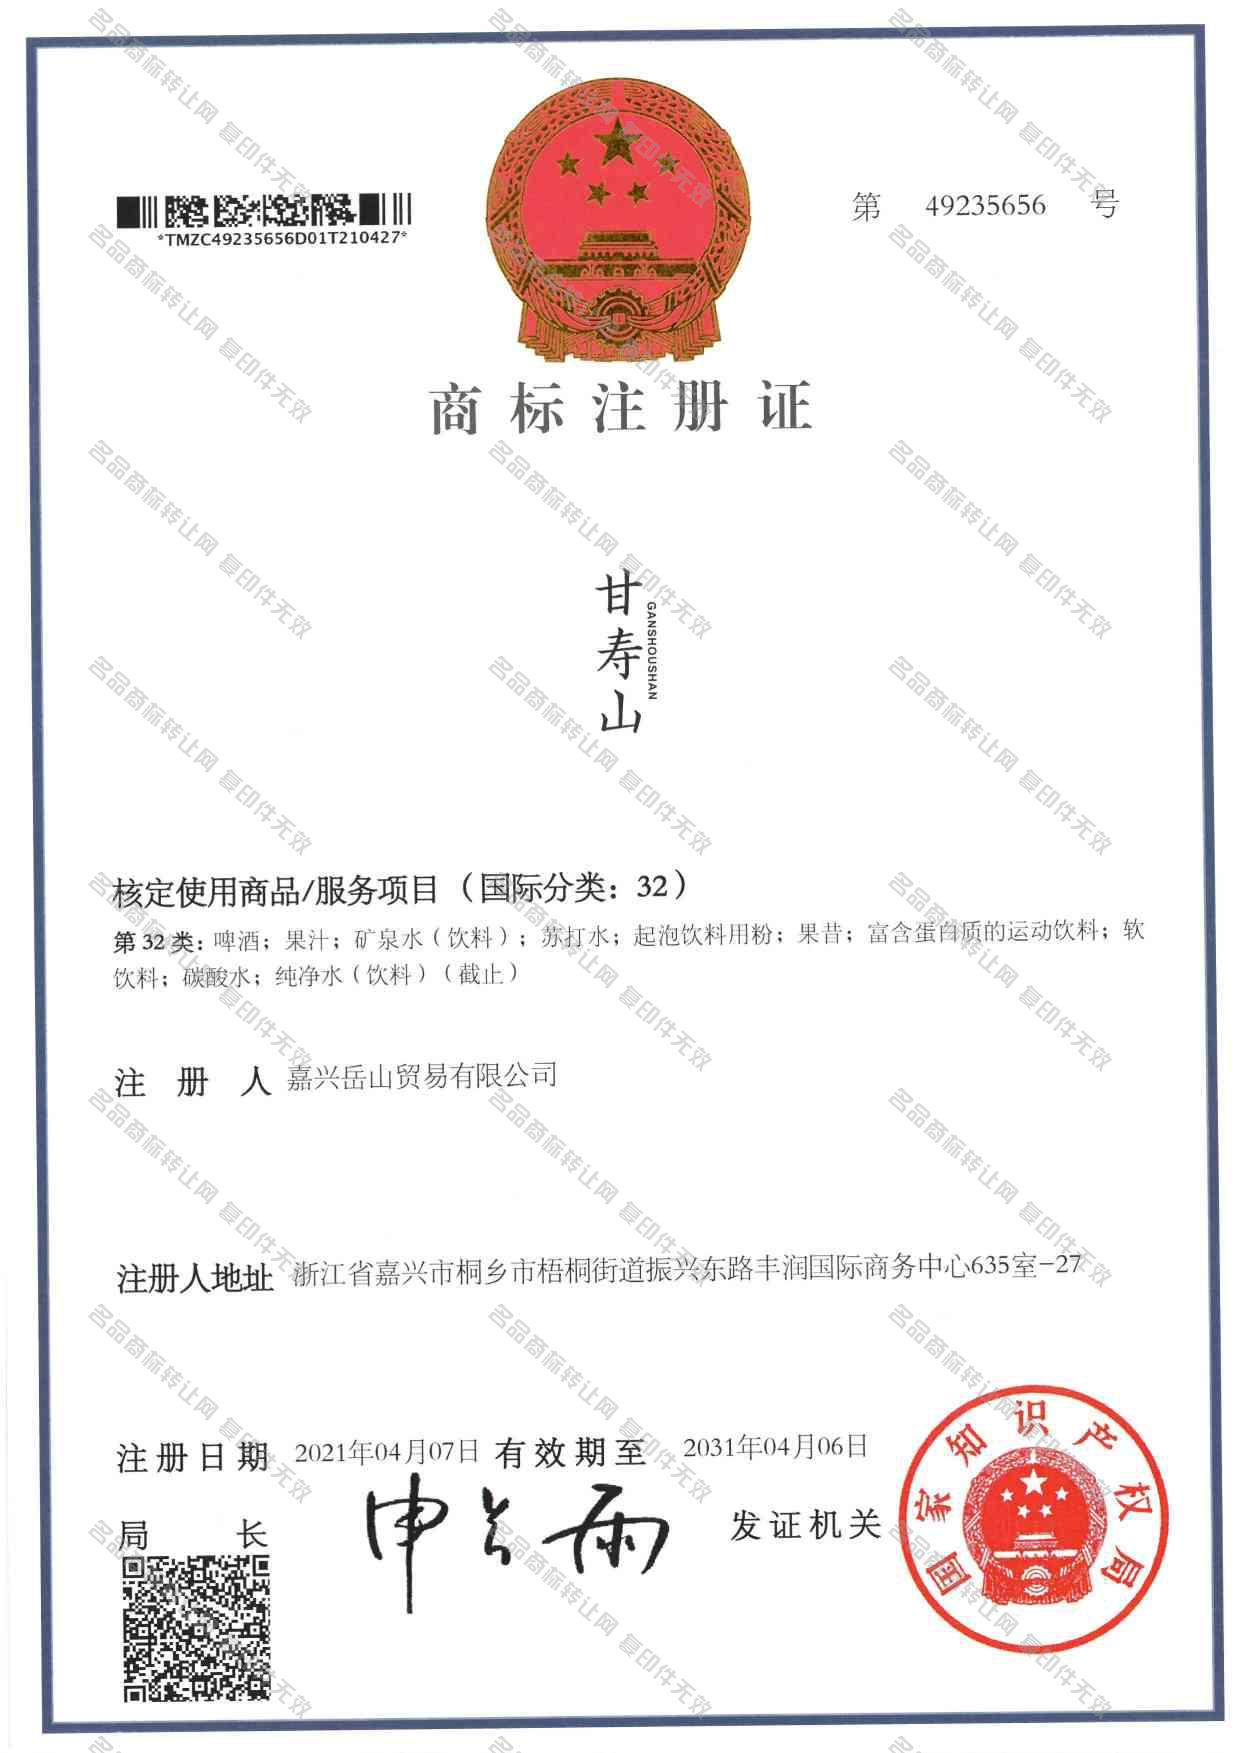 甘寿山注册证